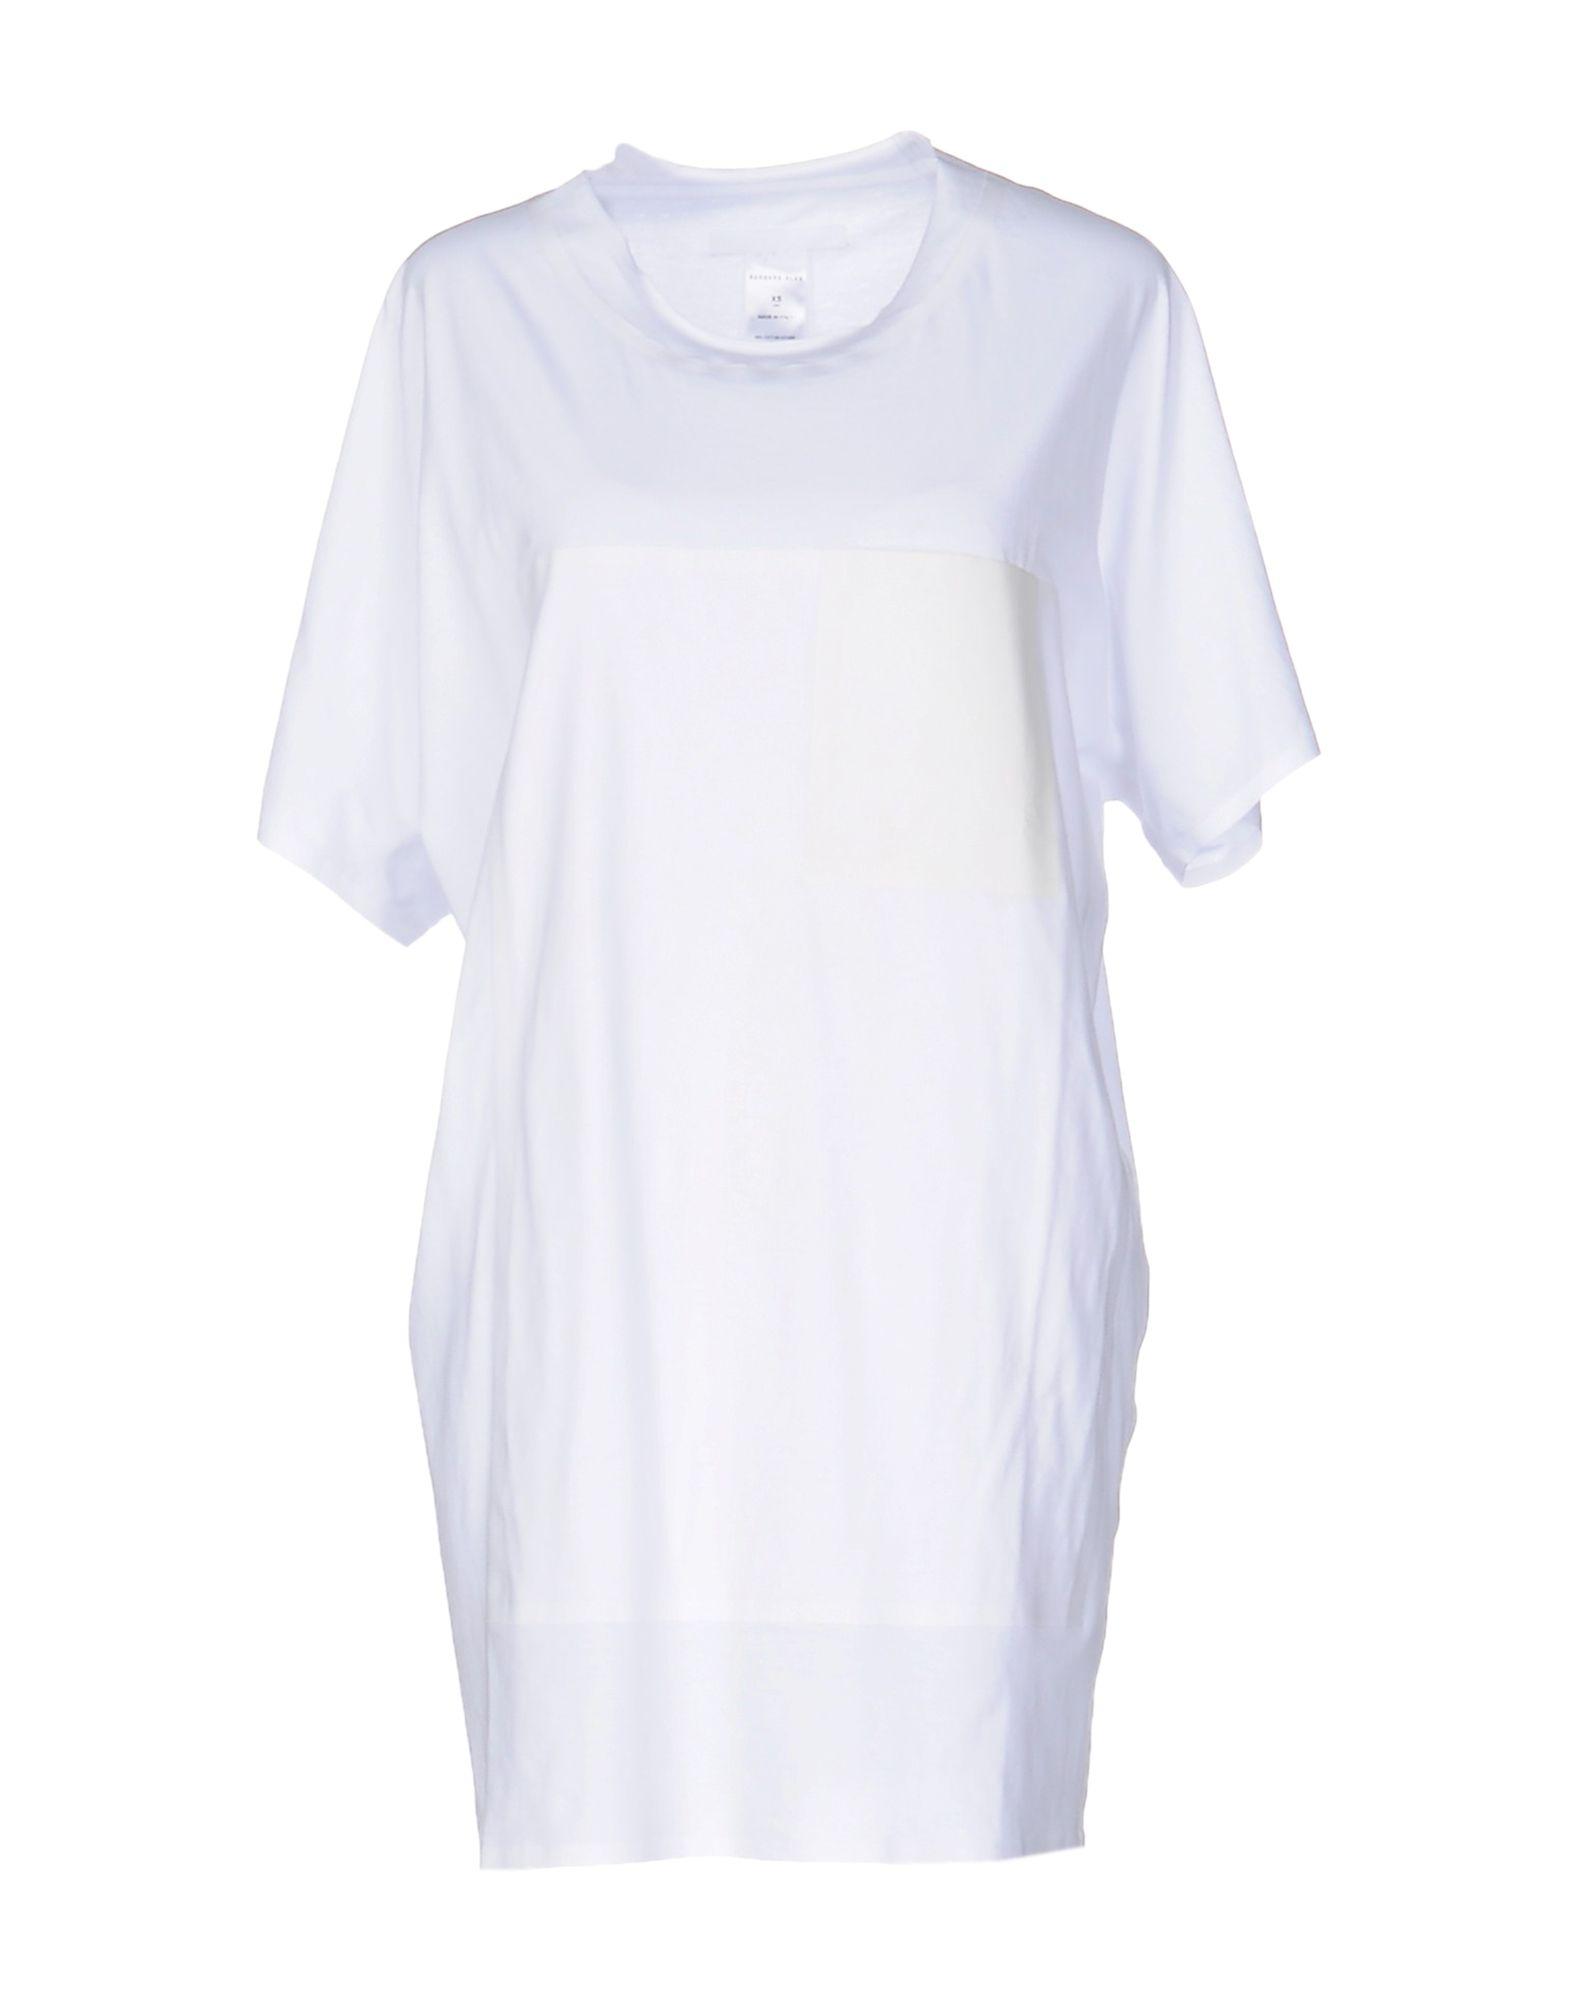 BARBARA ALAN T-Shirt in White